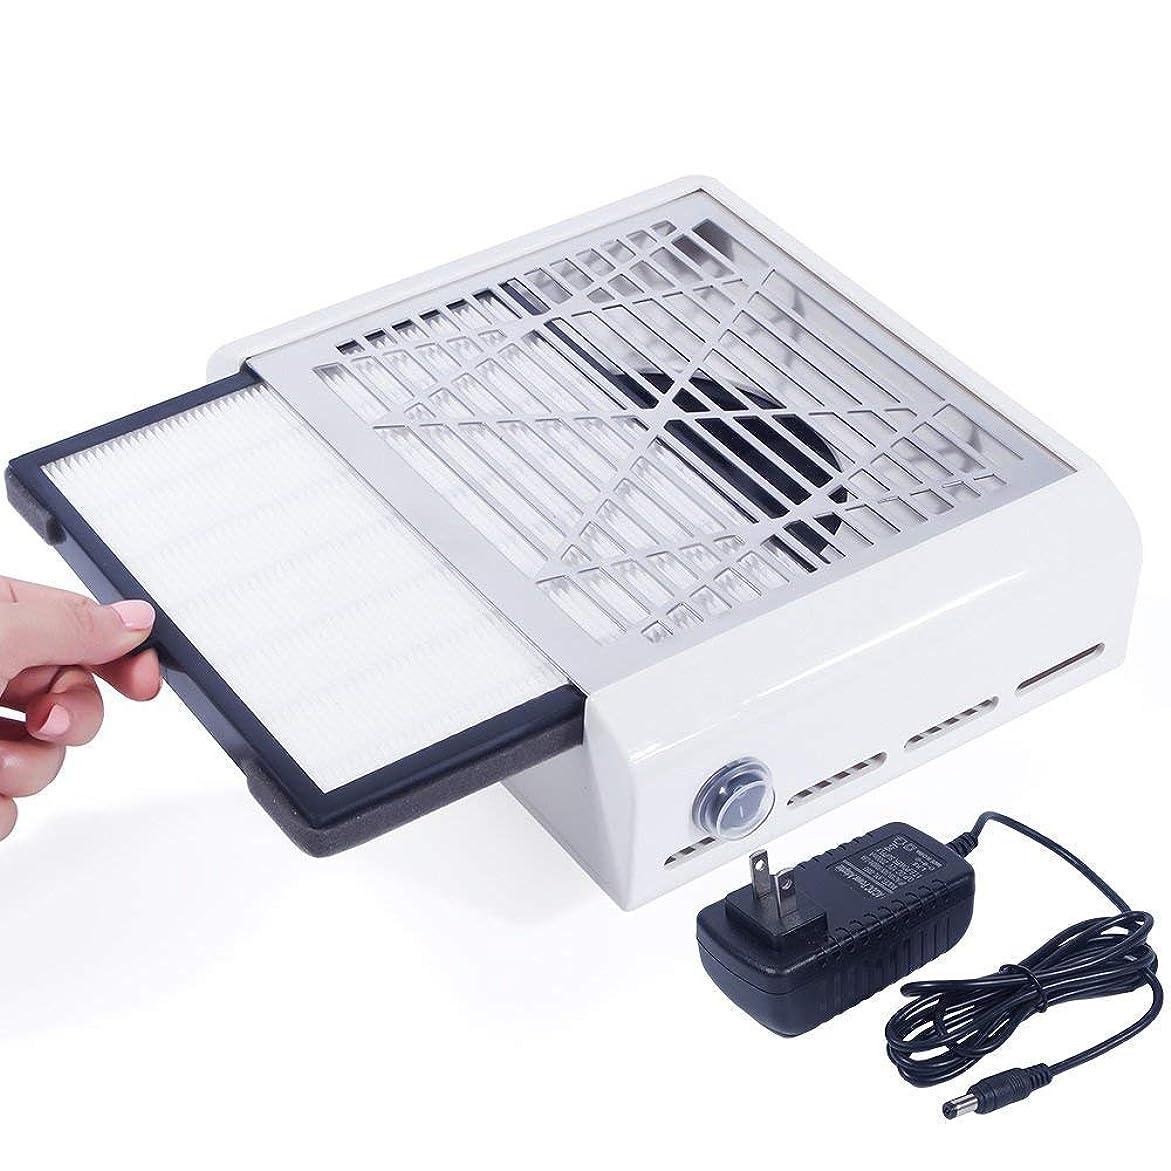 推測するにミリメーターEleoption 40Wネイルダスコレクター ネイルファン ネイルダス集塵機 ネイルケア用 ネイルドライヤー プレゼント、ギフト